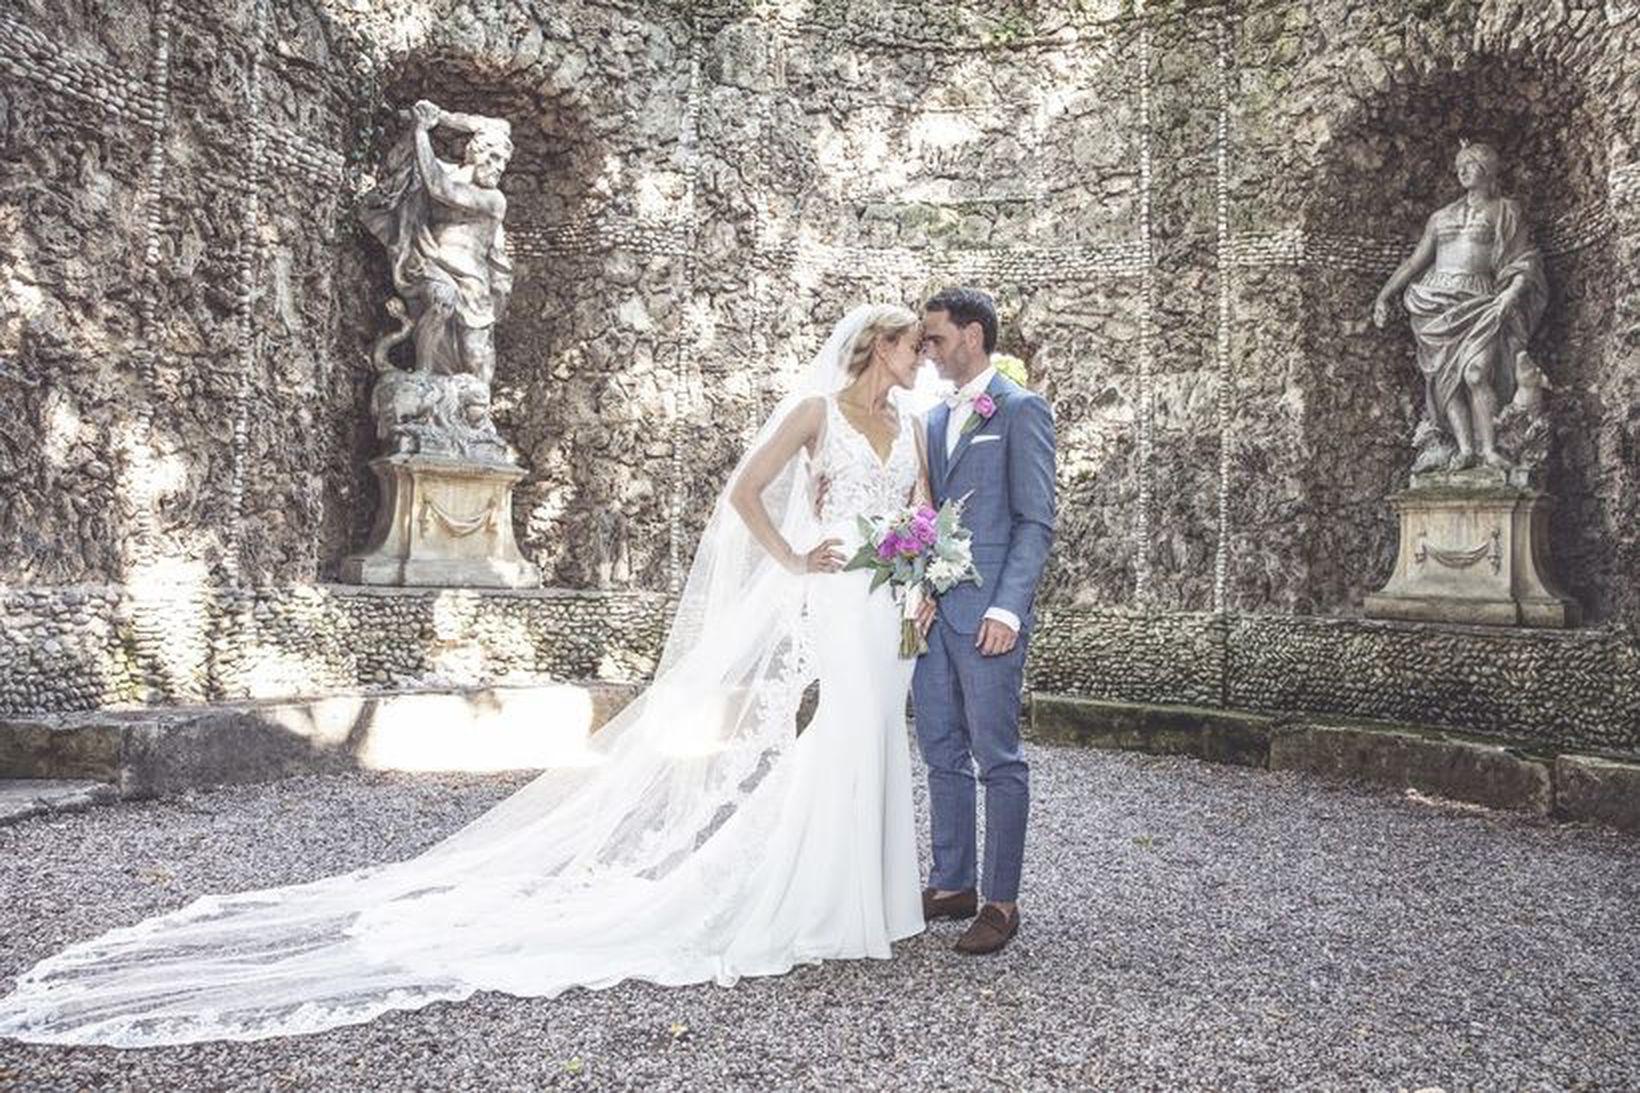 Ragnhildur Steinunn og Haukur Ingi giftu sig á Ítalíu. Ljósmyndarinn …